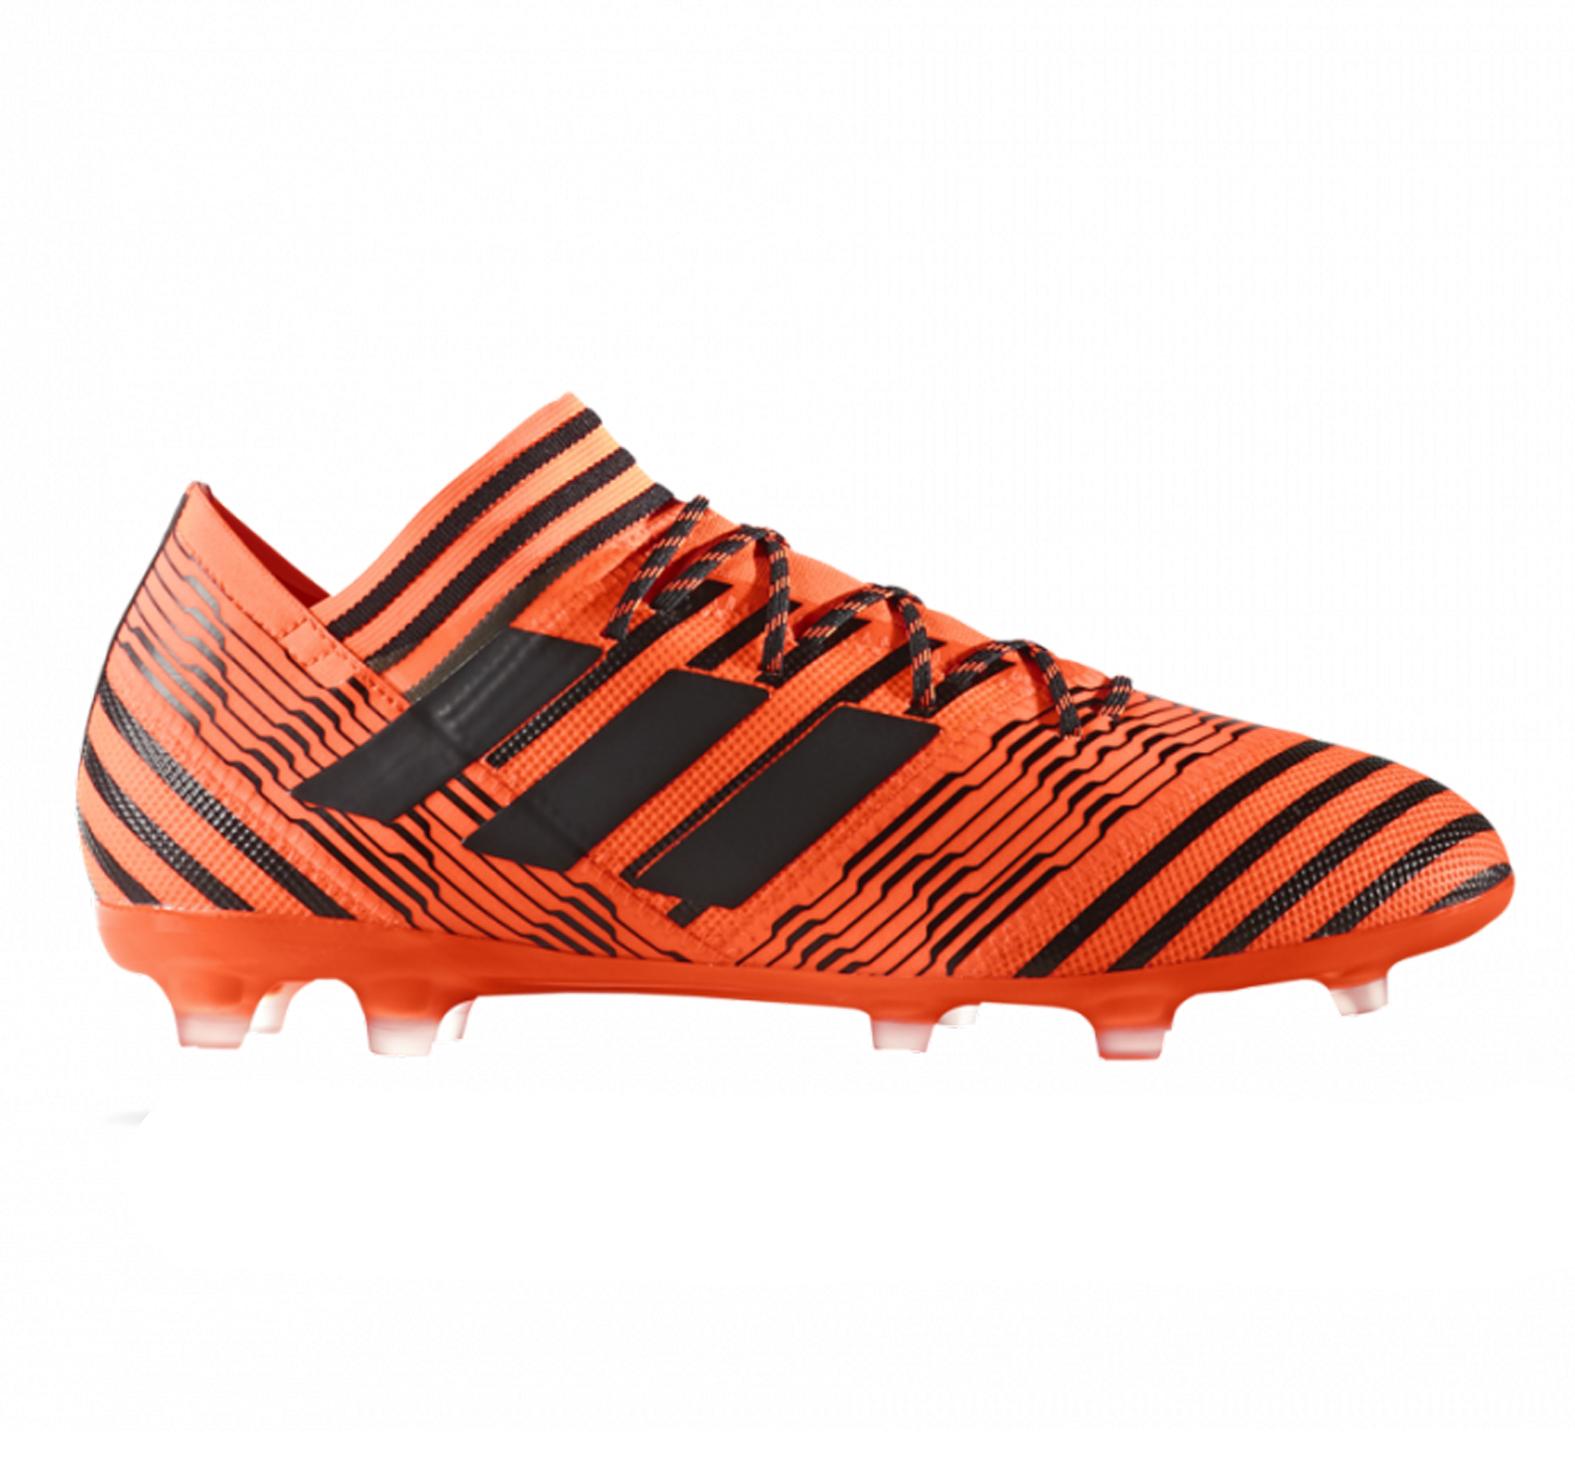 b40a9951a28 Ποδοσφαιρικά Παπούτσια   Snif.gr